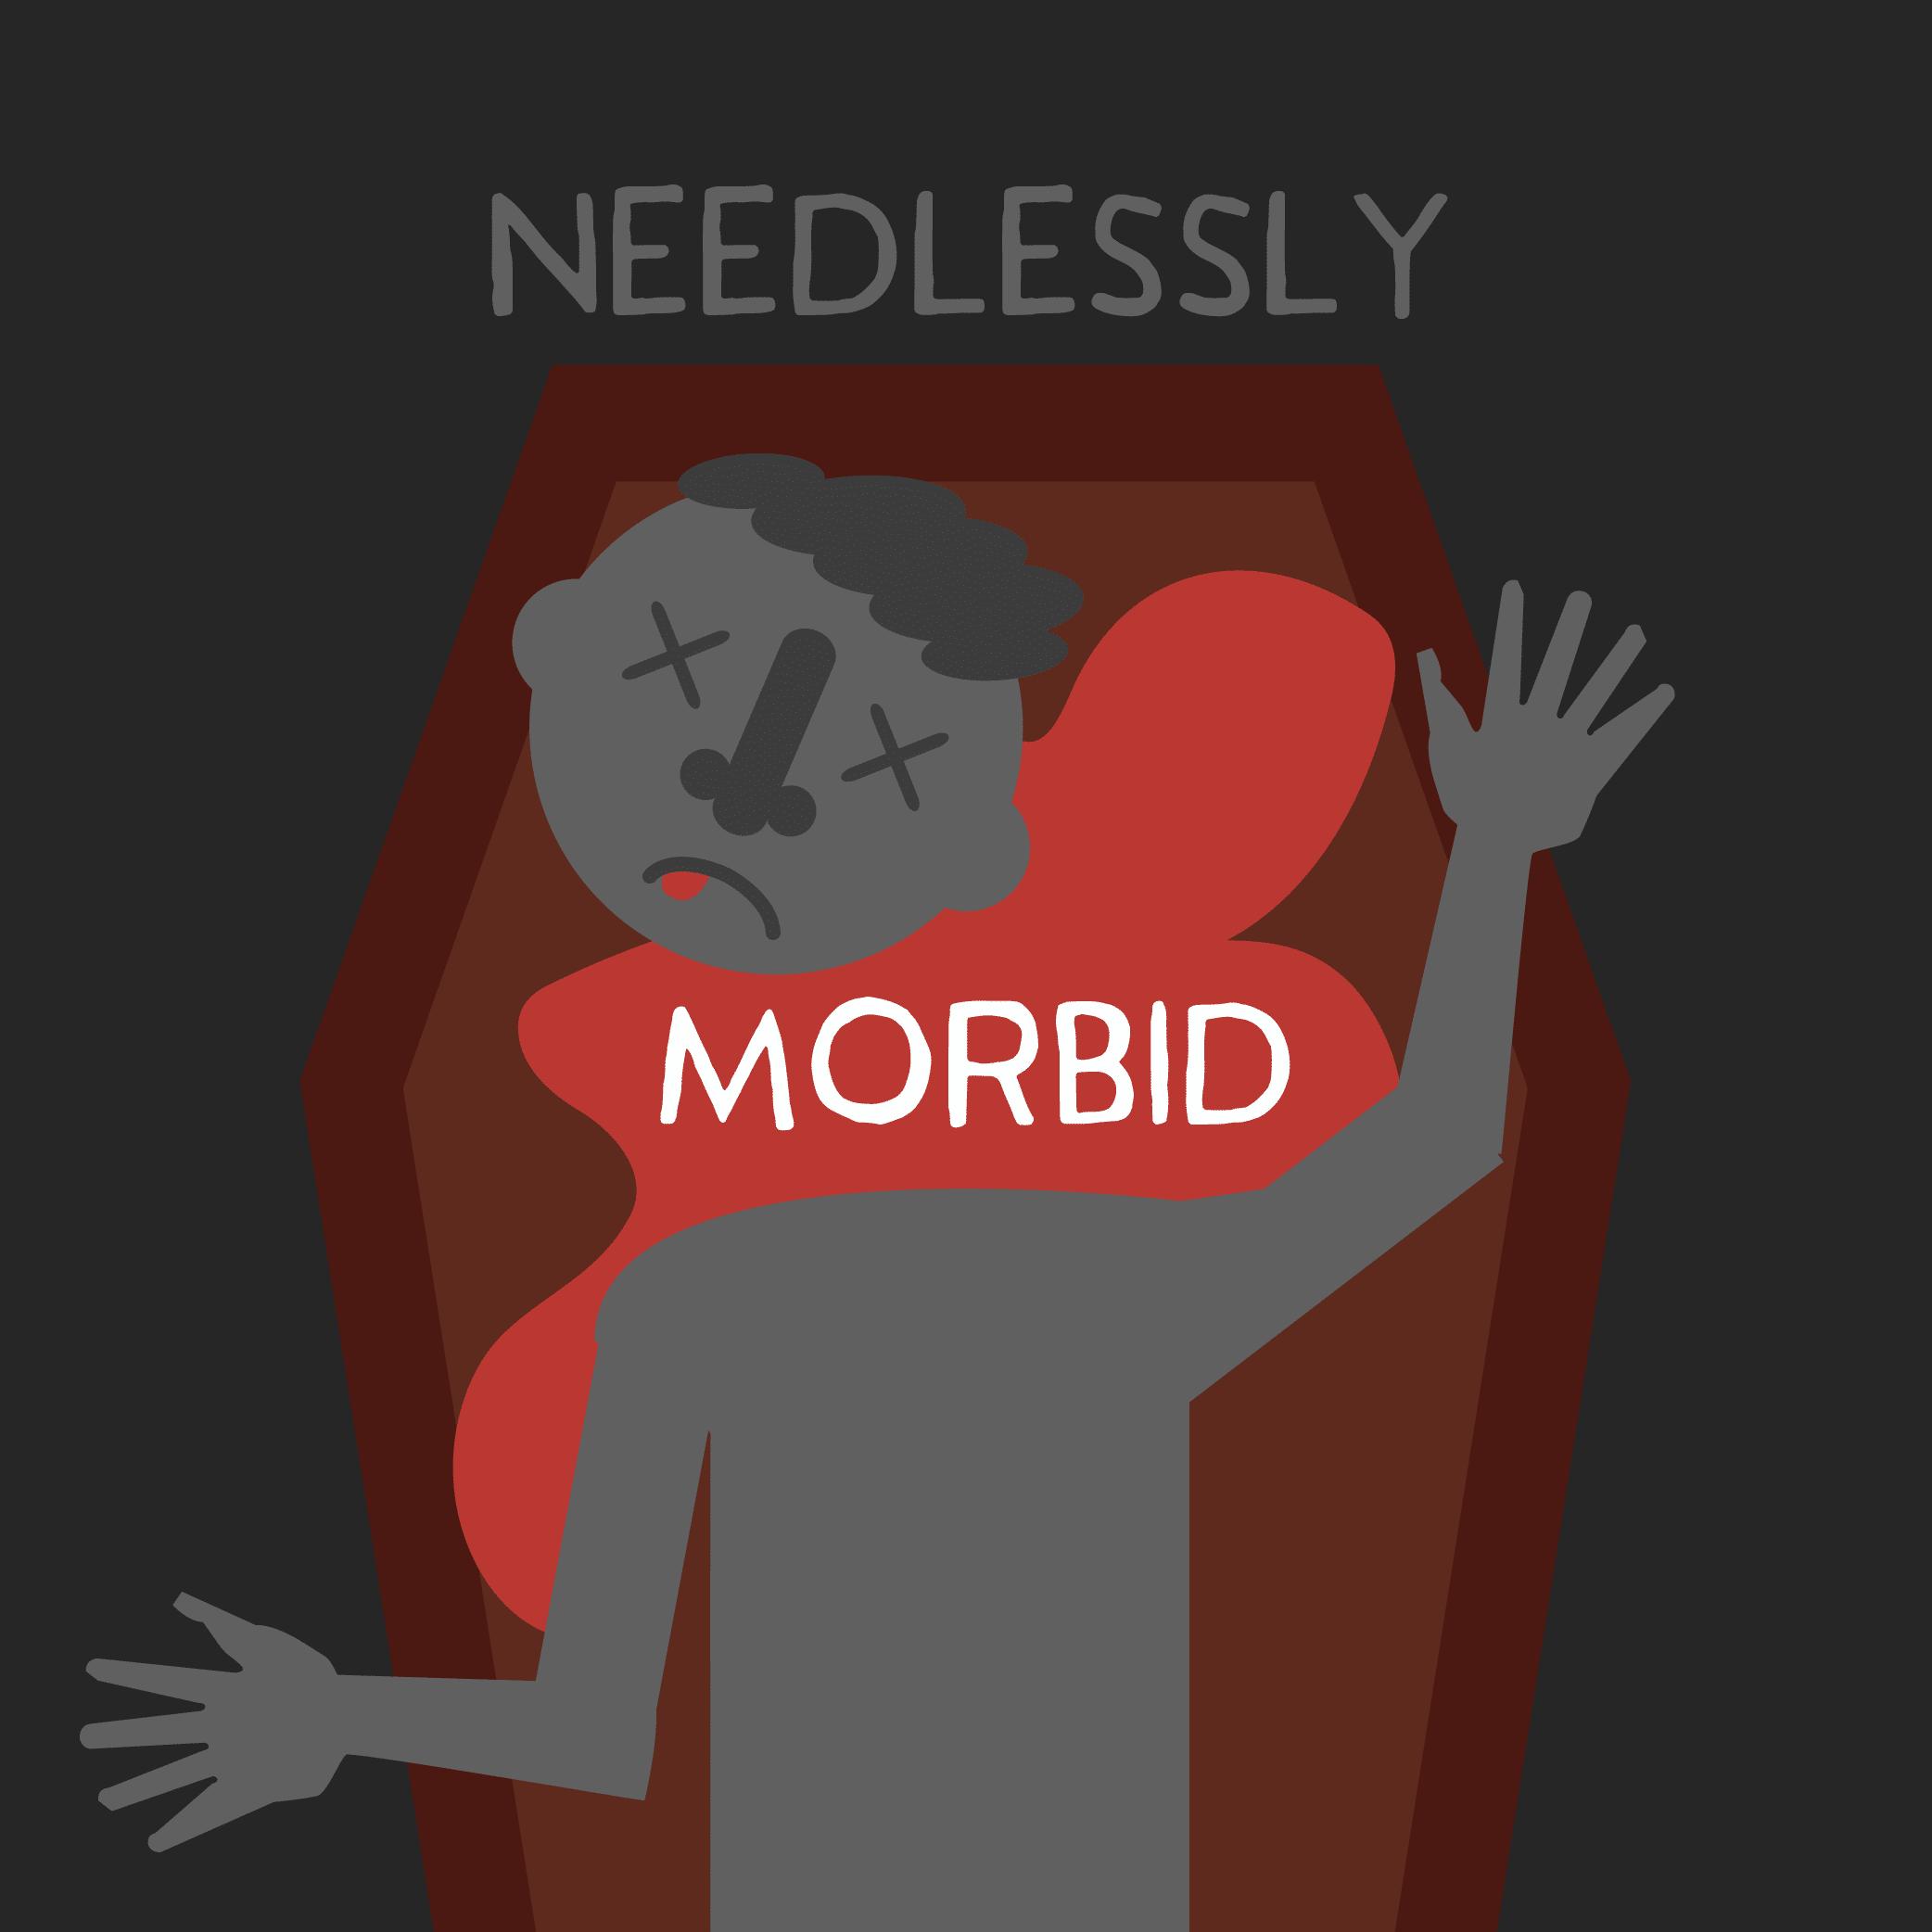 Illustration of a morbid crime scene.